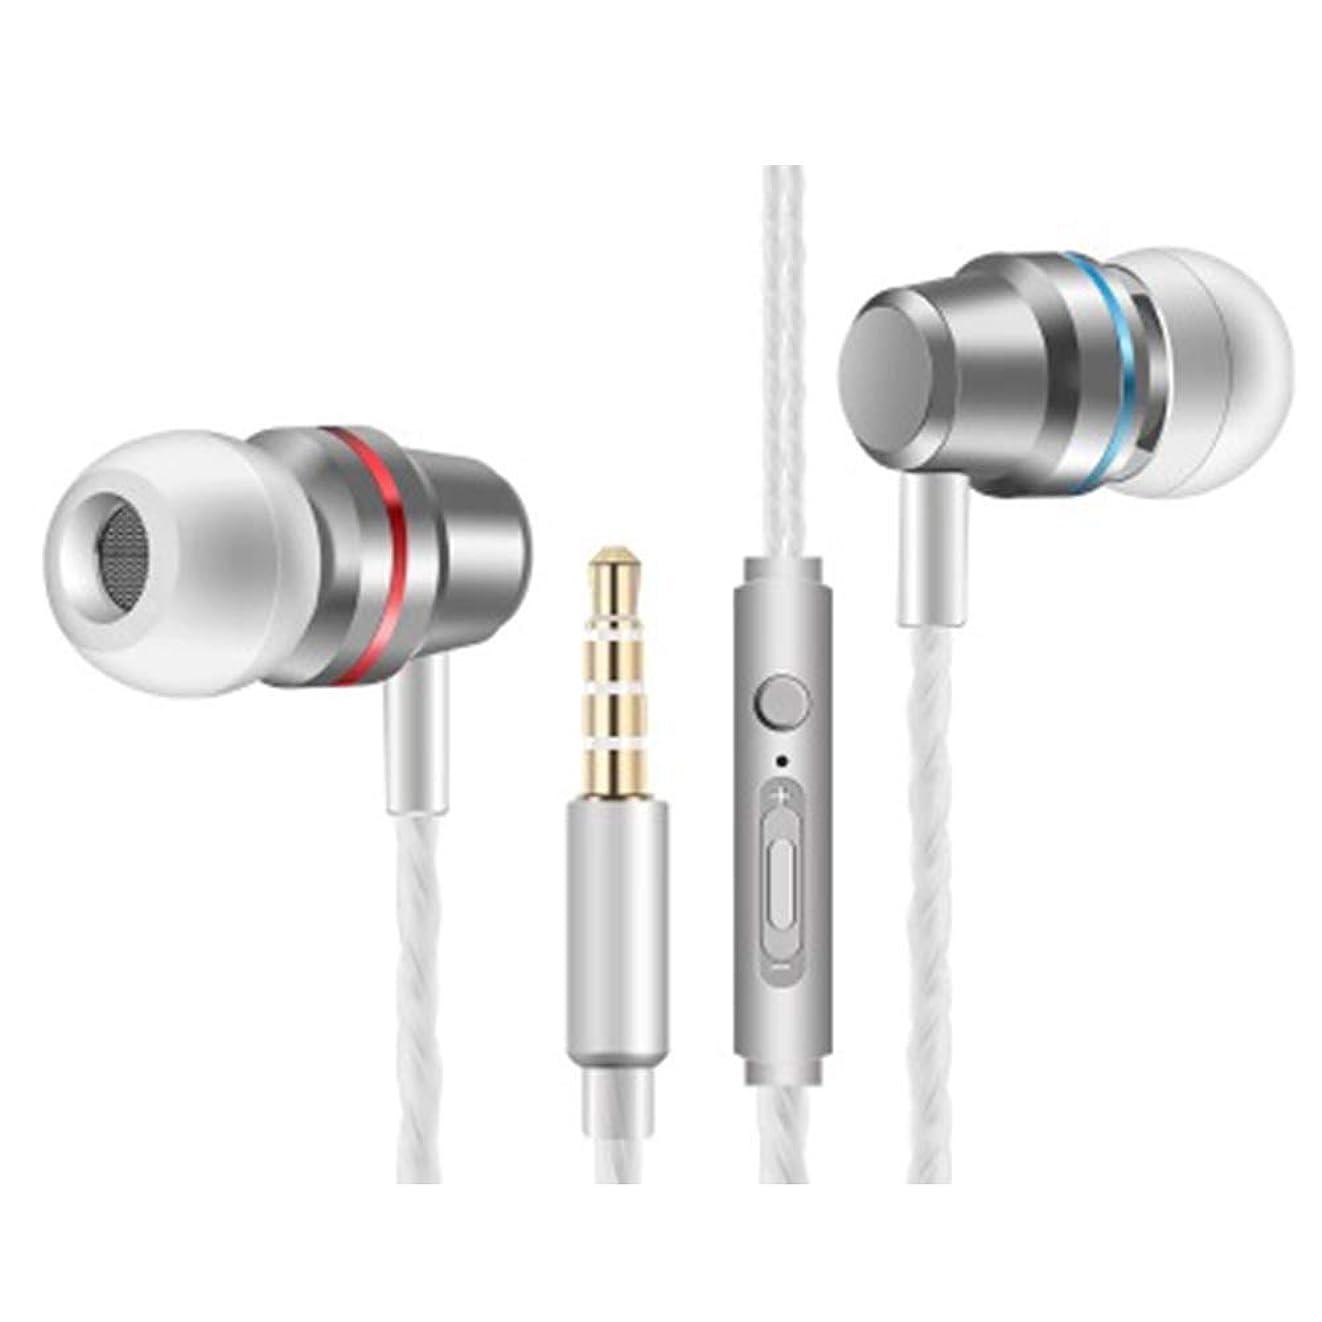 メイエラ部屋を掃除するメイエラLittleliving イヤホン カナル型 マイク付き 高音質 音量 有線 リモコン付き 防水 重低音 音漏れ防止 外音遮断 ステレオ 疲労軽減 切れにくい 通話可能 かわいい android/iPhone/iPod/iPad対応 (シルバー)